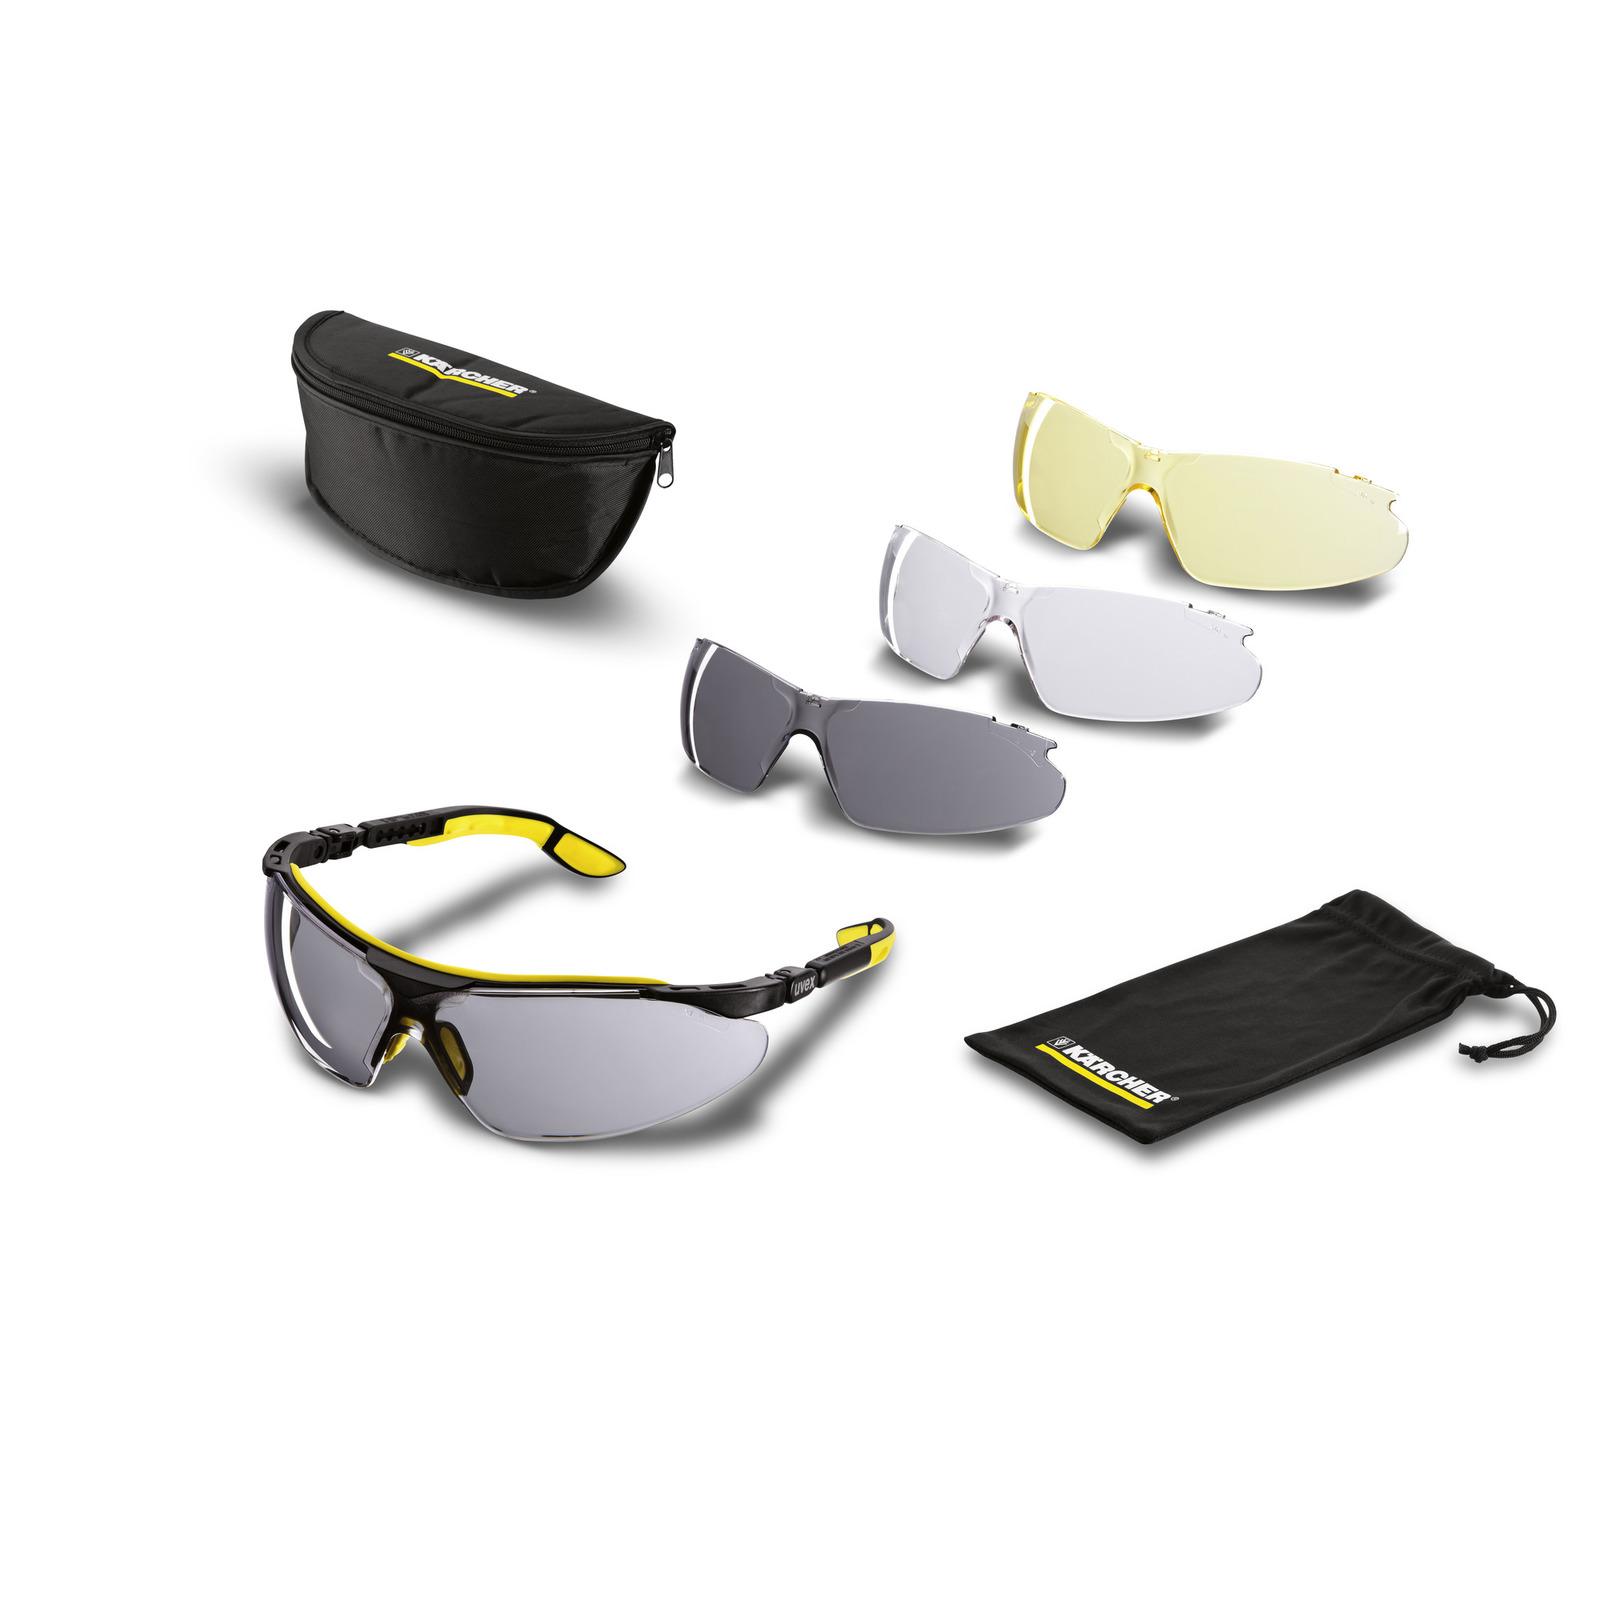 c592776e205da Kit lunettes de protection